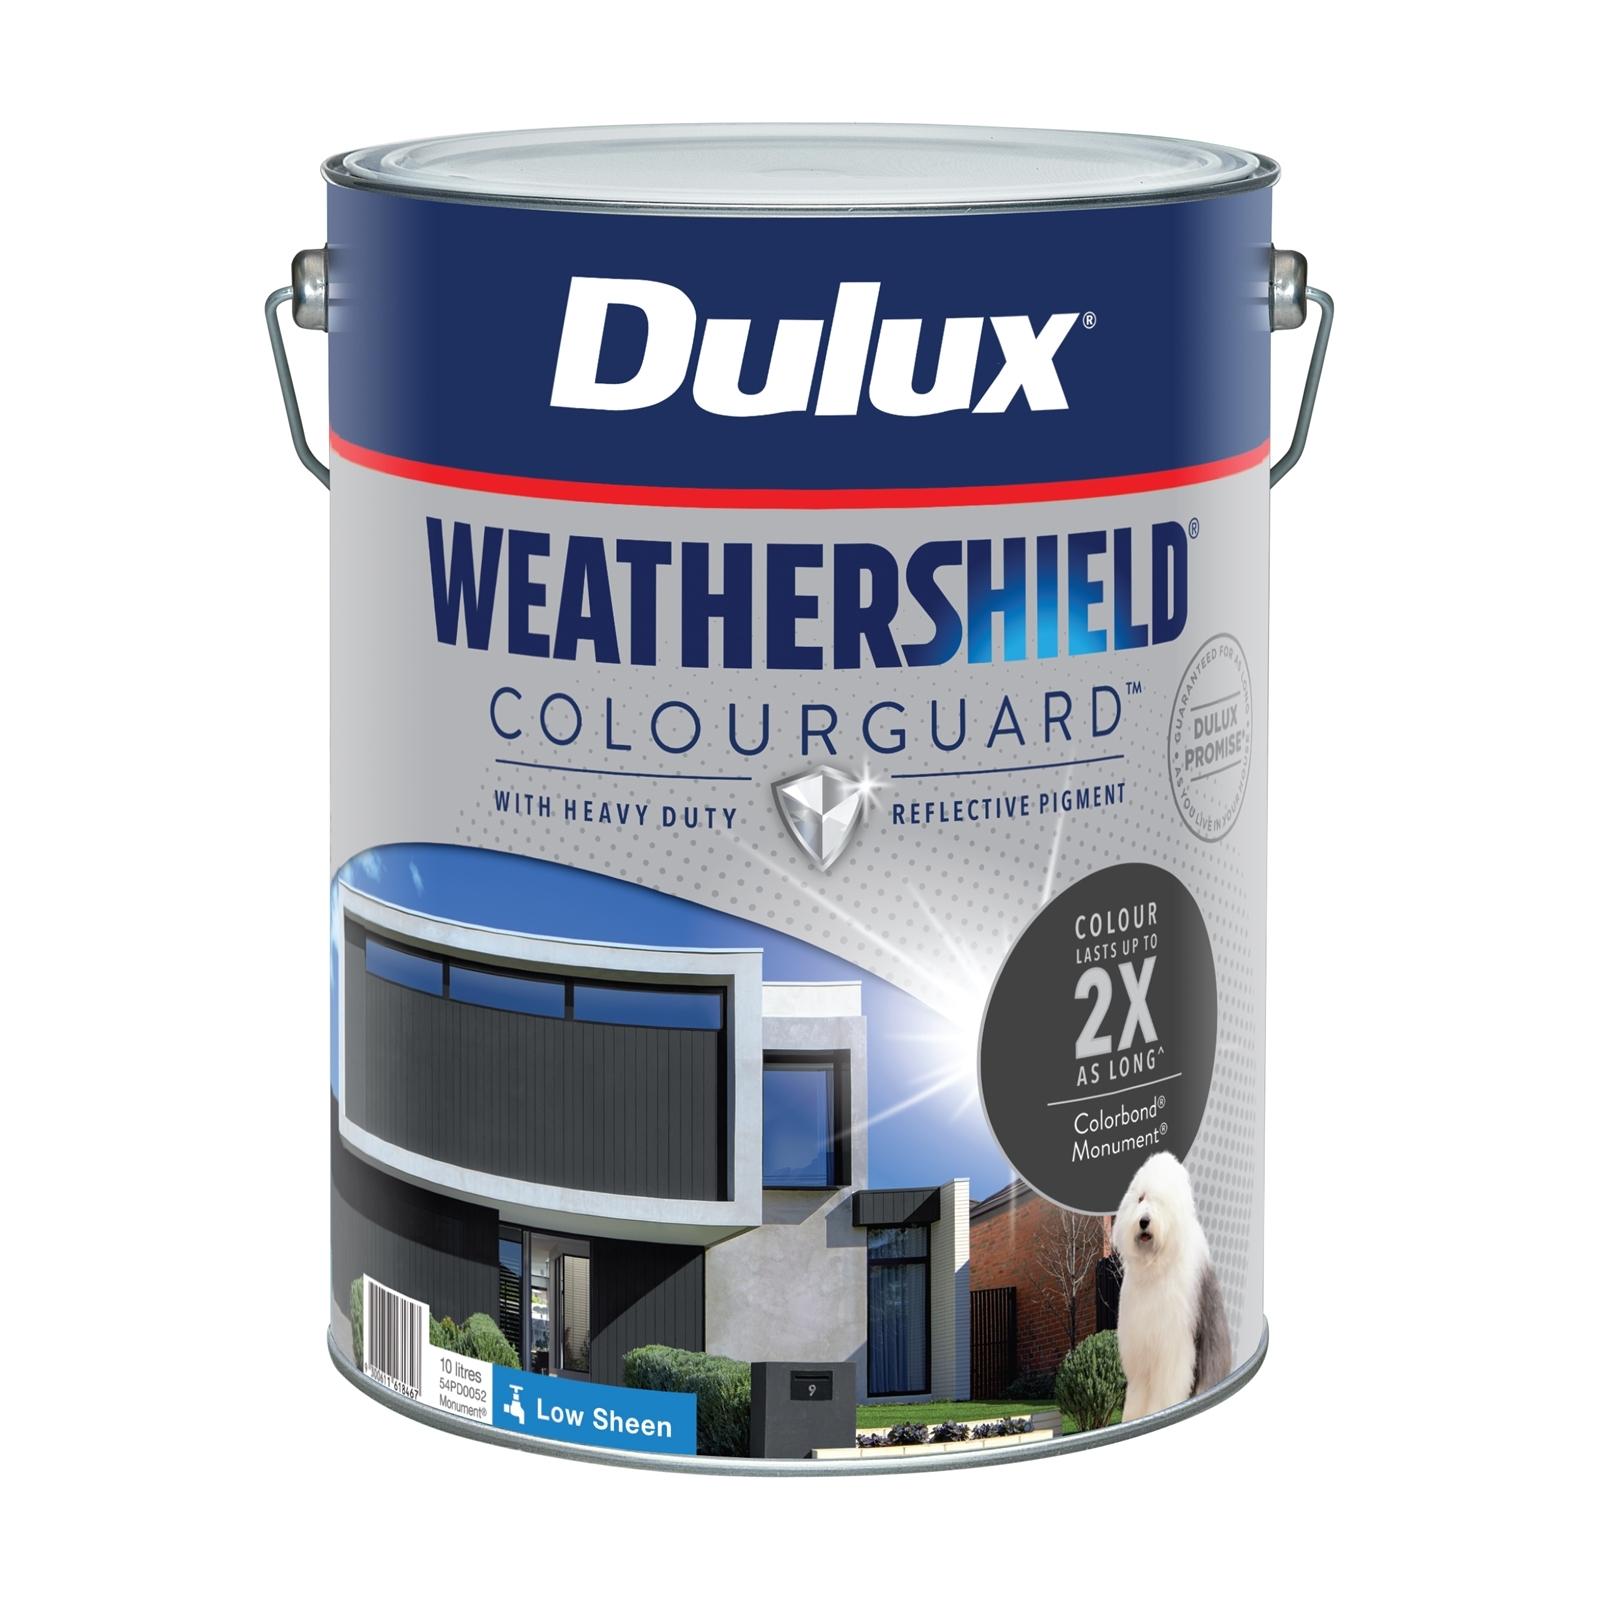 Dulux 10L Low Sheen Monument Weathershield ColourGuard Exterior Paint